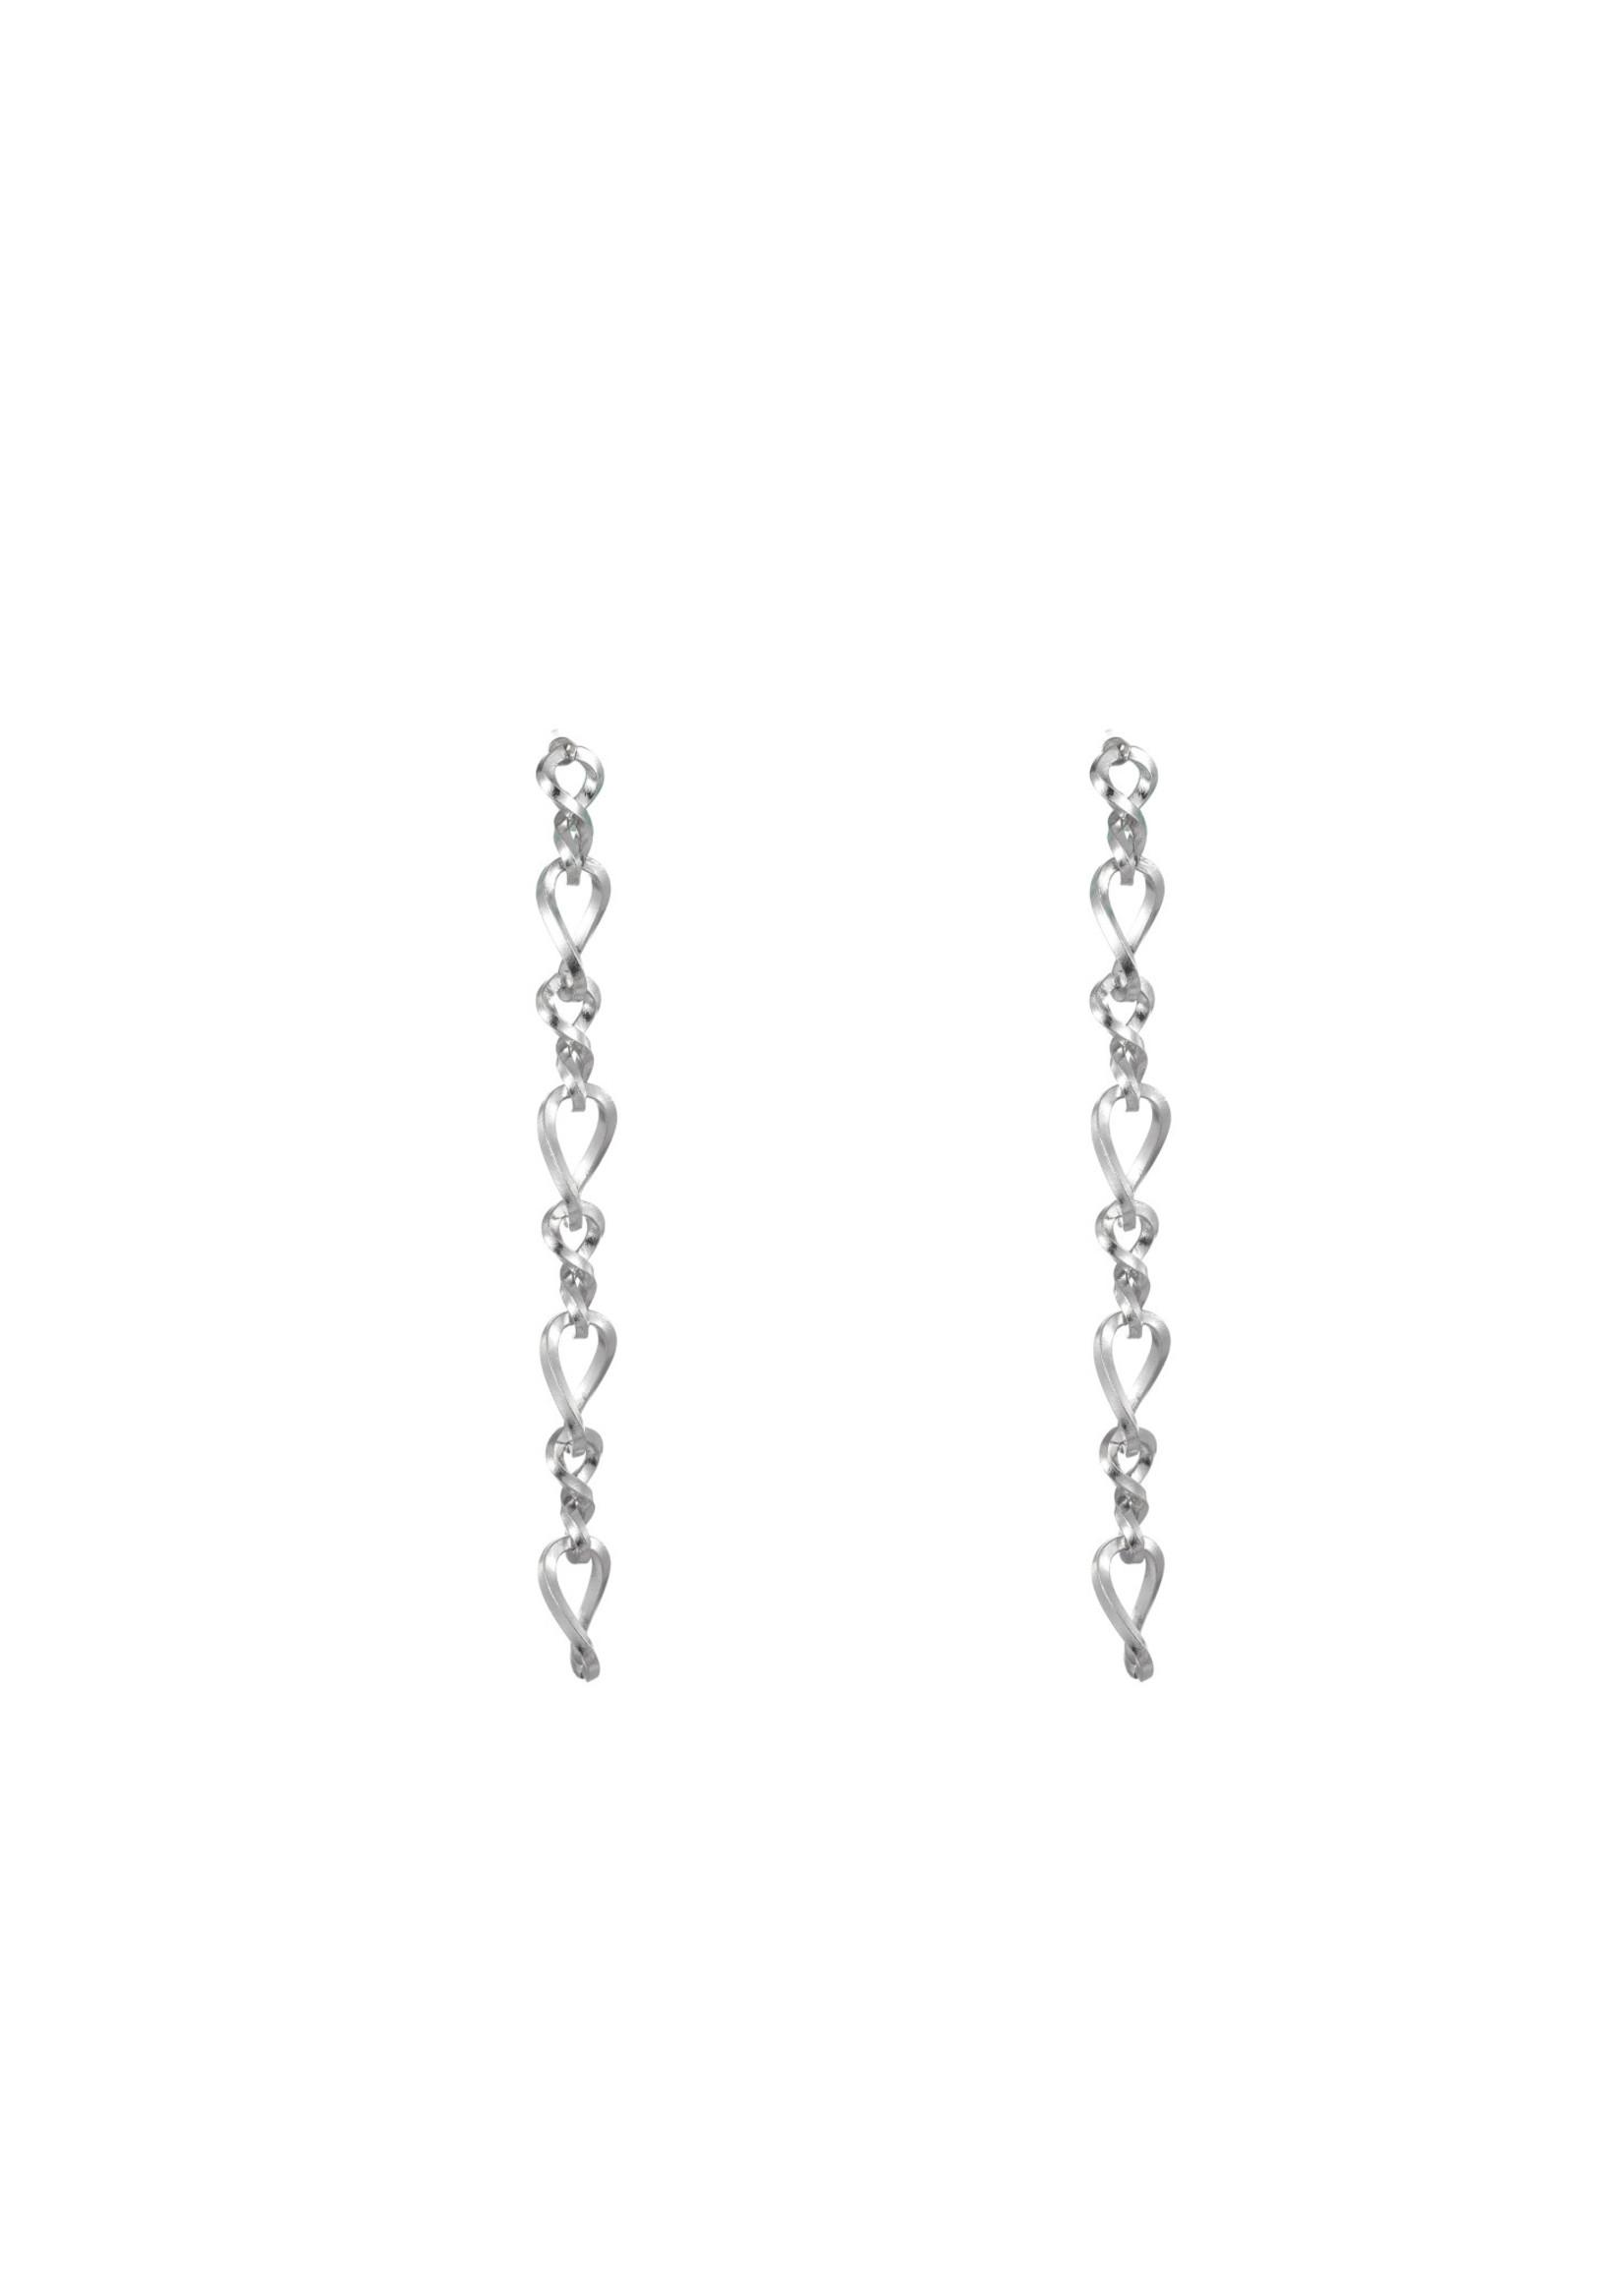 Oorbel zilver schakel E1749-1